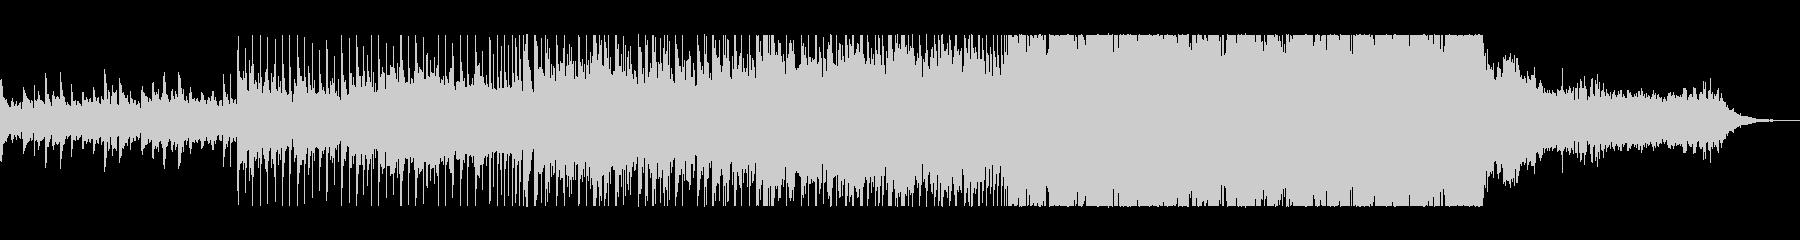 おしゃれで勢いのあるピアノシンセサウンドの未再生の波形